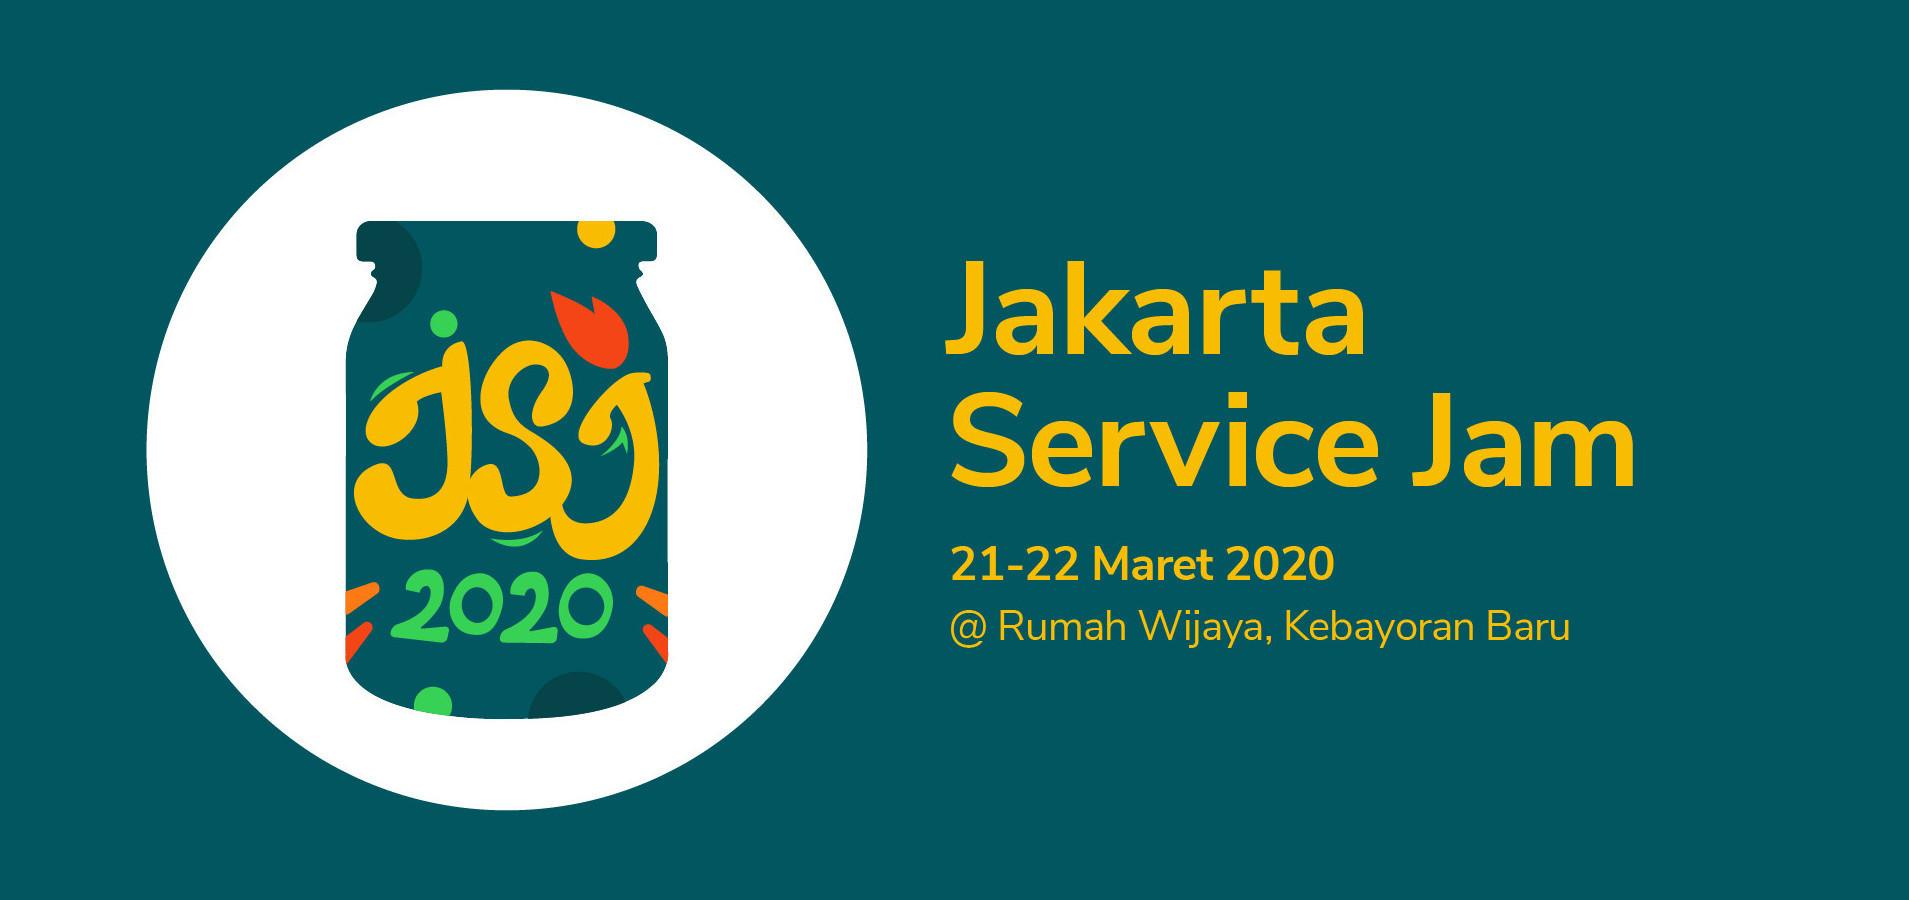 Jakarta Service Jam 2020